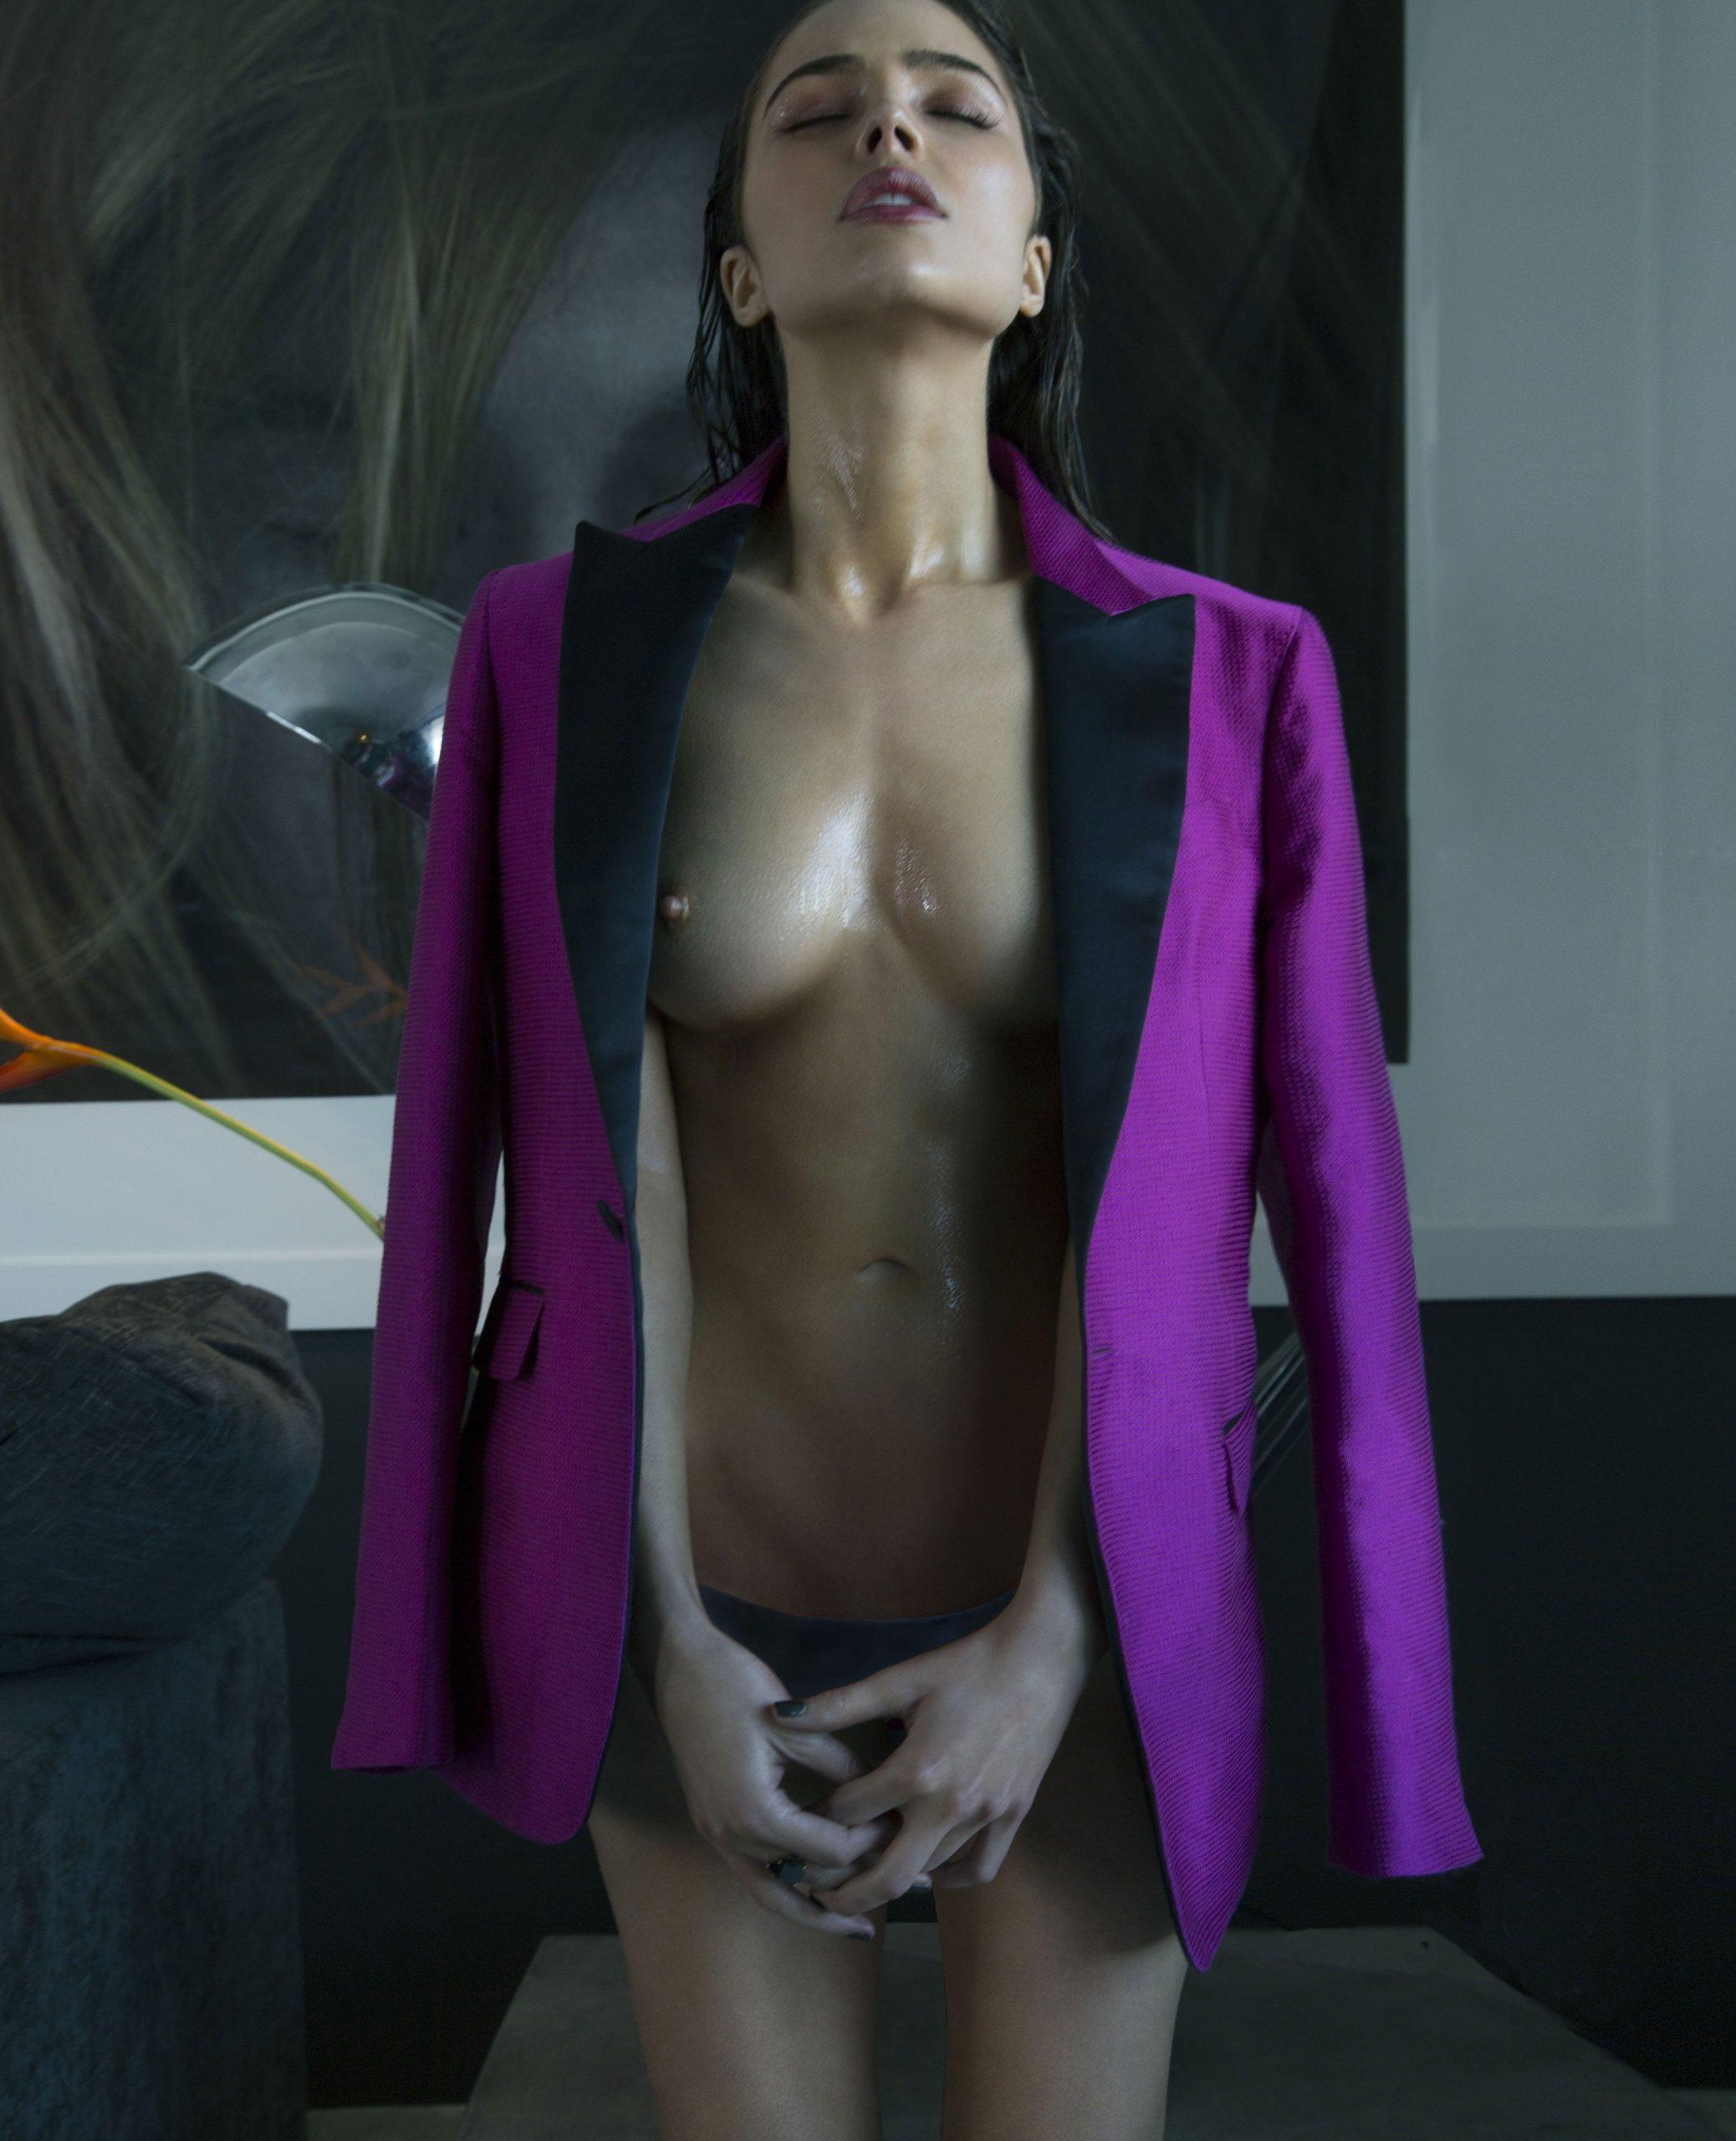 Olivia Culpo naked photo